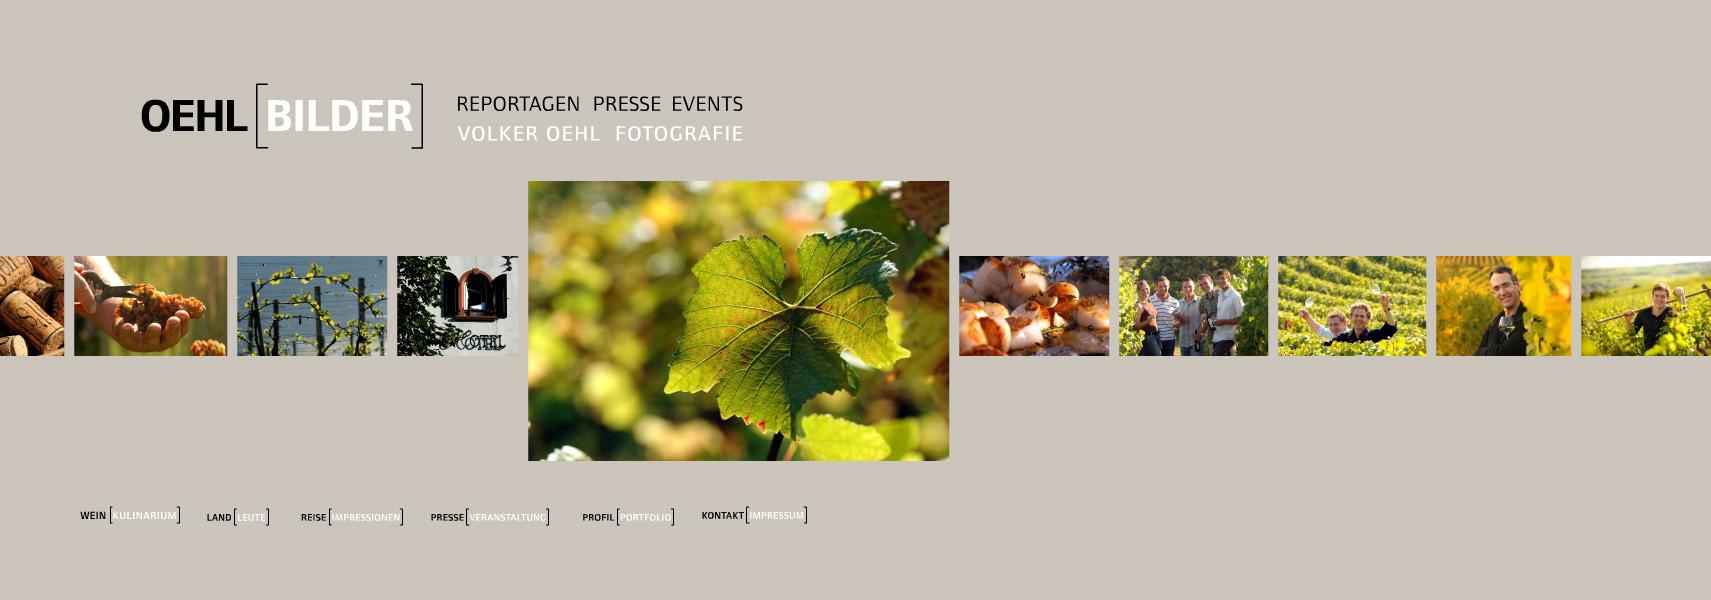 Oehlbilder.com. Flash-WebSite für den Fotograf Volker Oehl. Mit selbst programmiertem CMS.